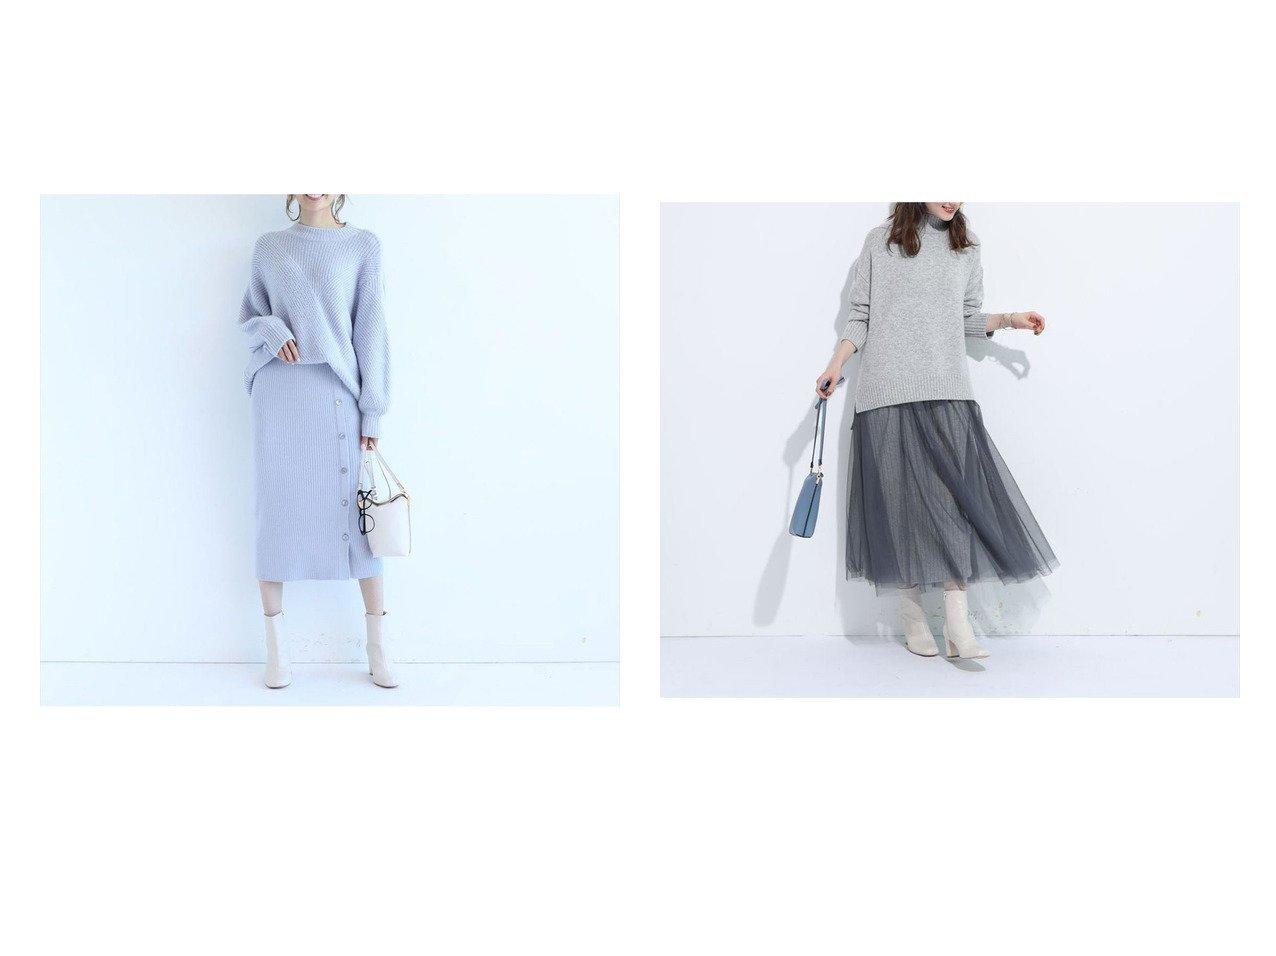 【Apuweiser-riche/アプワイザーリッシェ】のチュールスカートレイヤードニットアップ&2wayレーススカートセットニットアップ スカートのおすすめ!人気、レディースファッションの通販 おすすめで人気のファッション通販商品 インテリア・家具・キッズファッション・メンズファッション・レディースファッション・服の通販 founy(ファニー) https://founy.com/ ファッション Fashion レディース WOMEN スカート Skirt シアー レース ロマンティック エアリー  ID:crp329100000002700